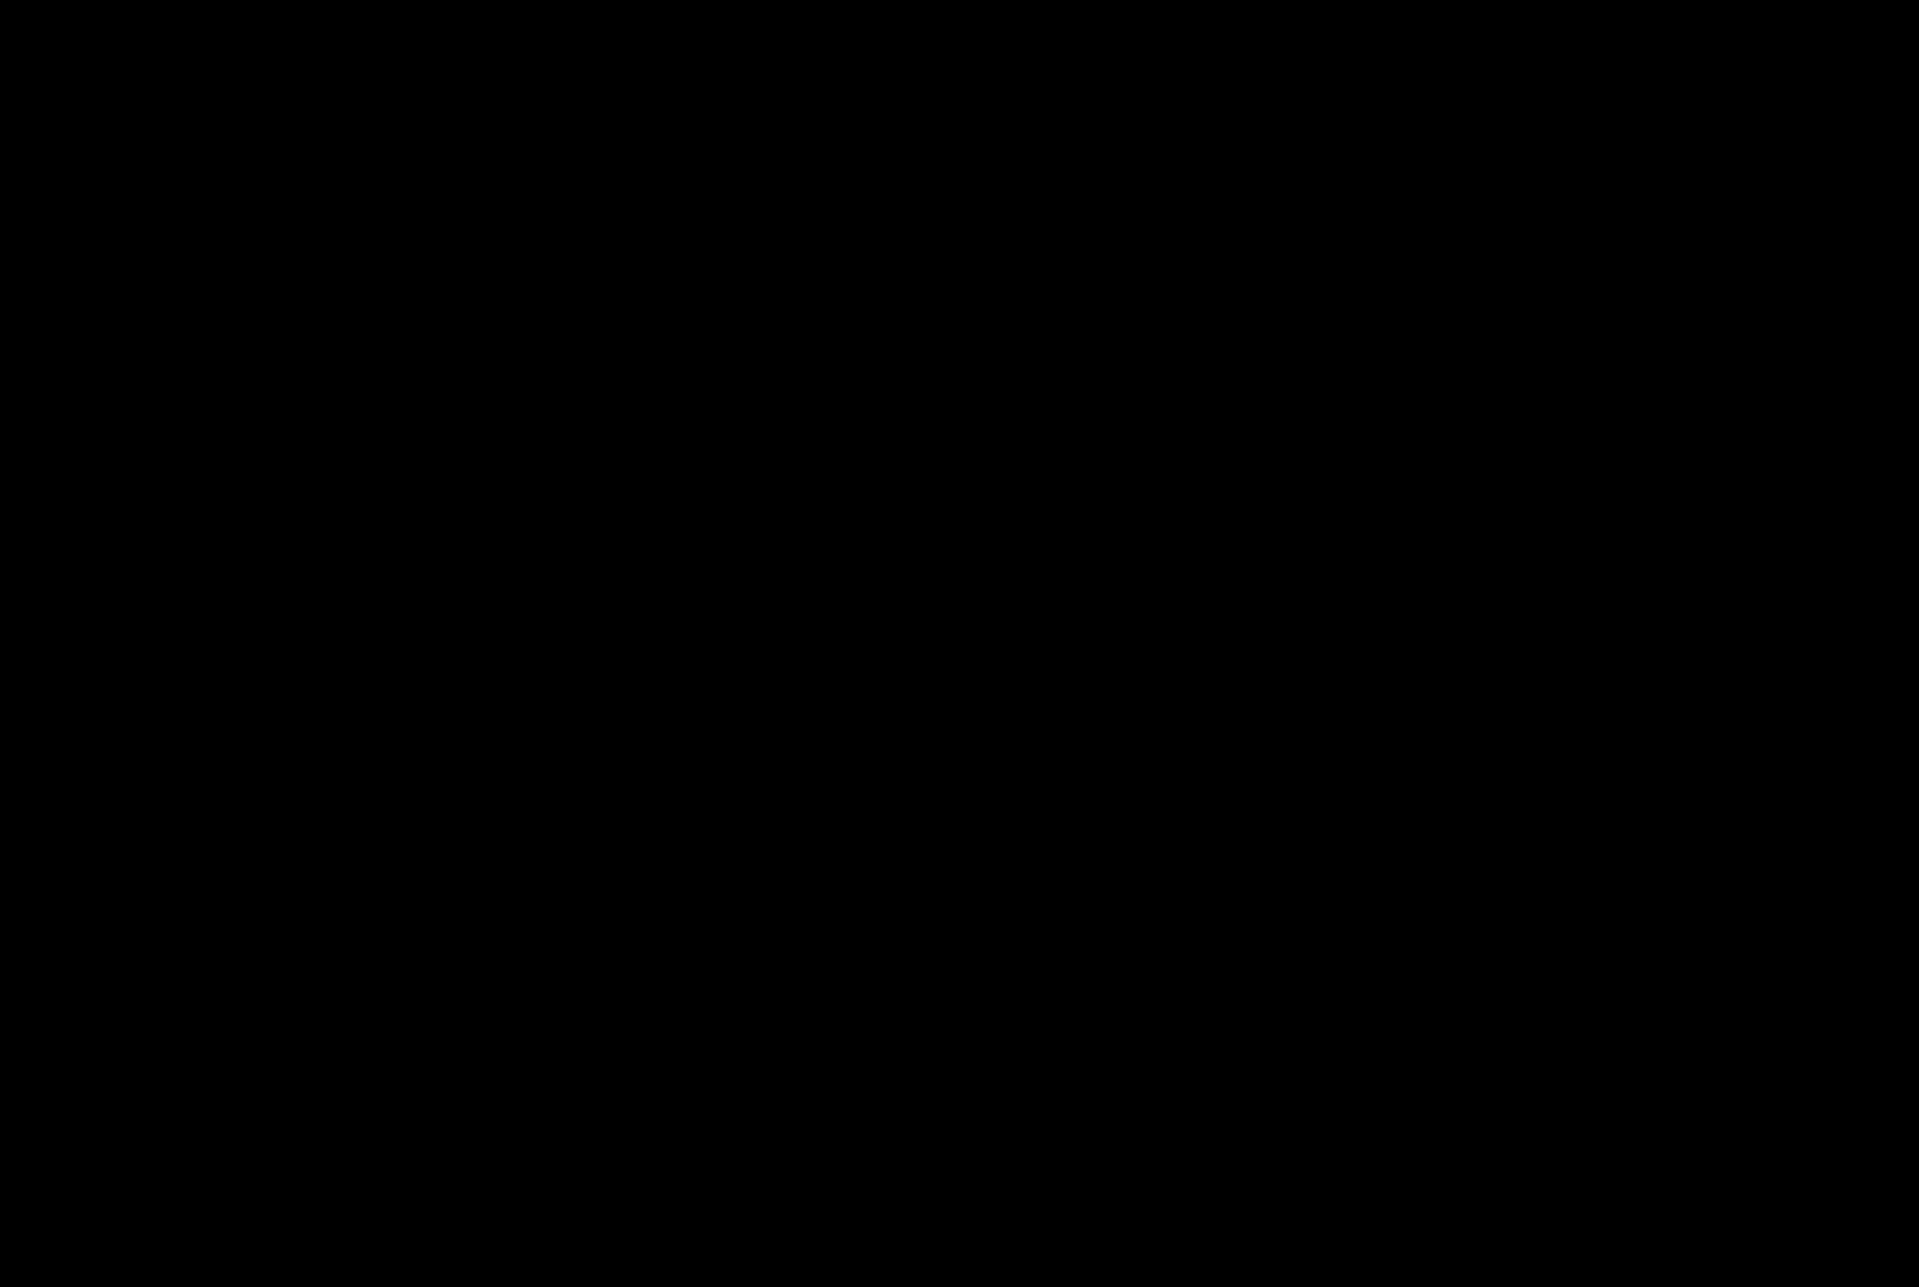 bop-3brand-black-vert